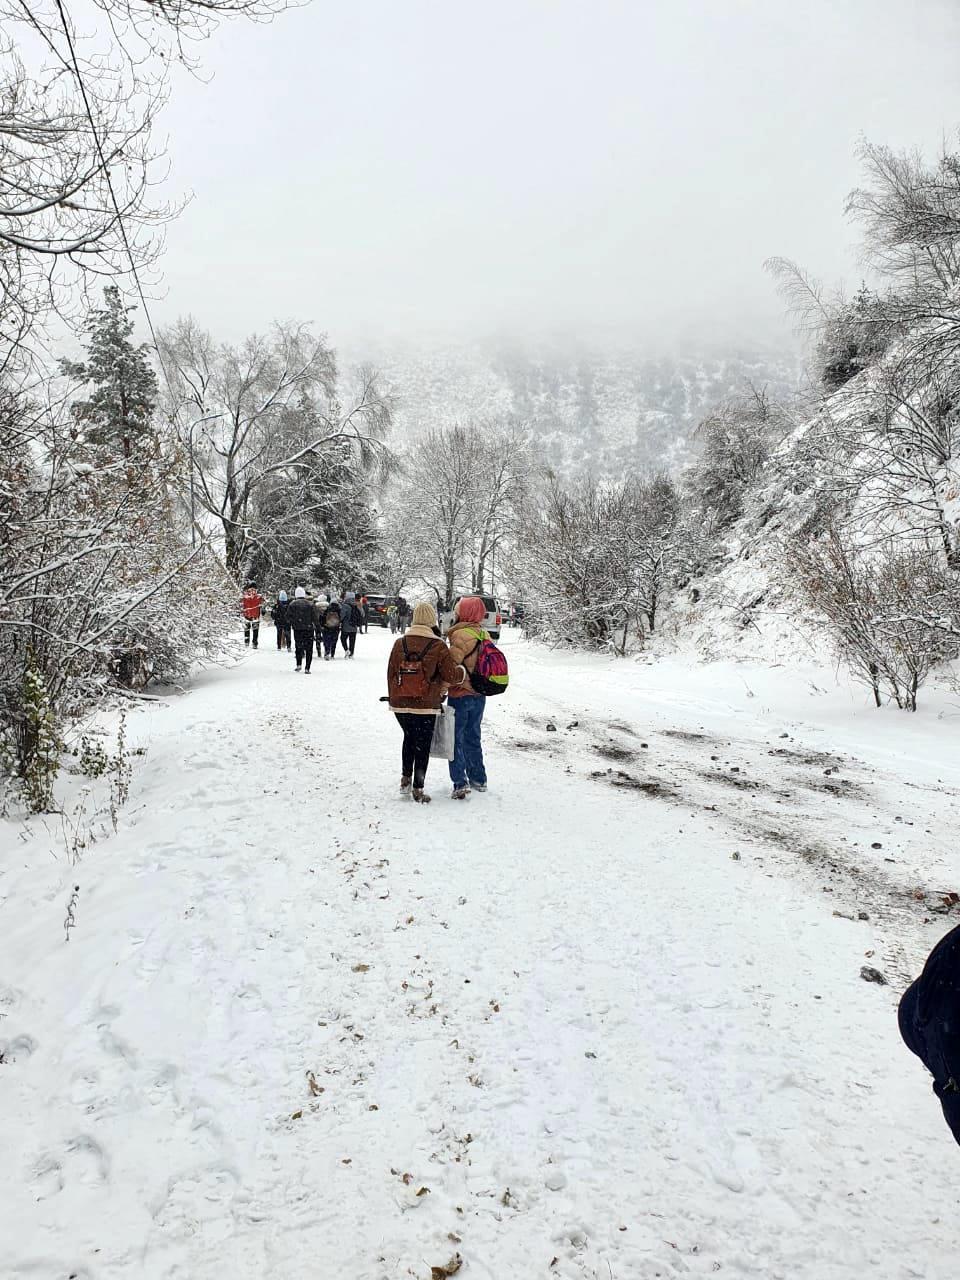 Спасатели помогли туристам спуститься до экологического поста